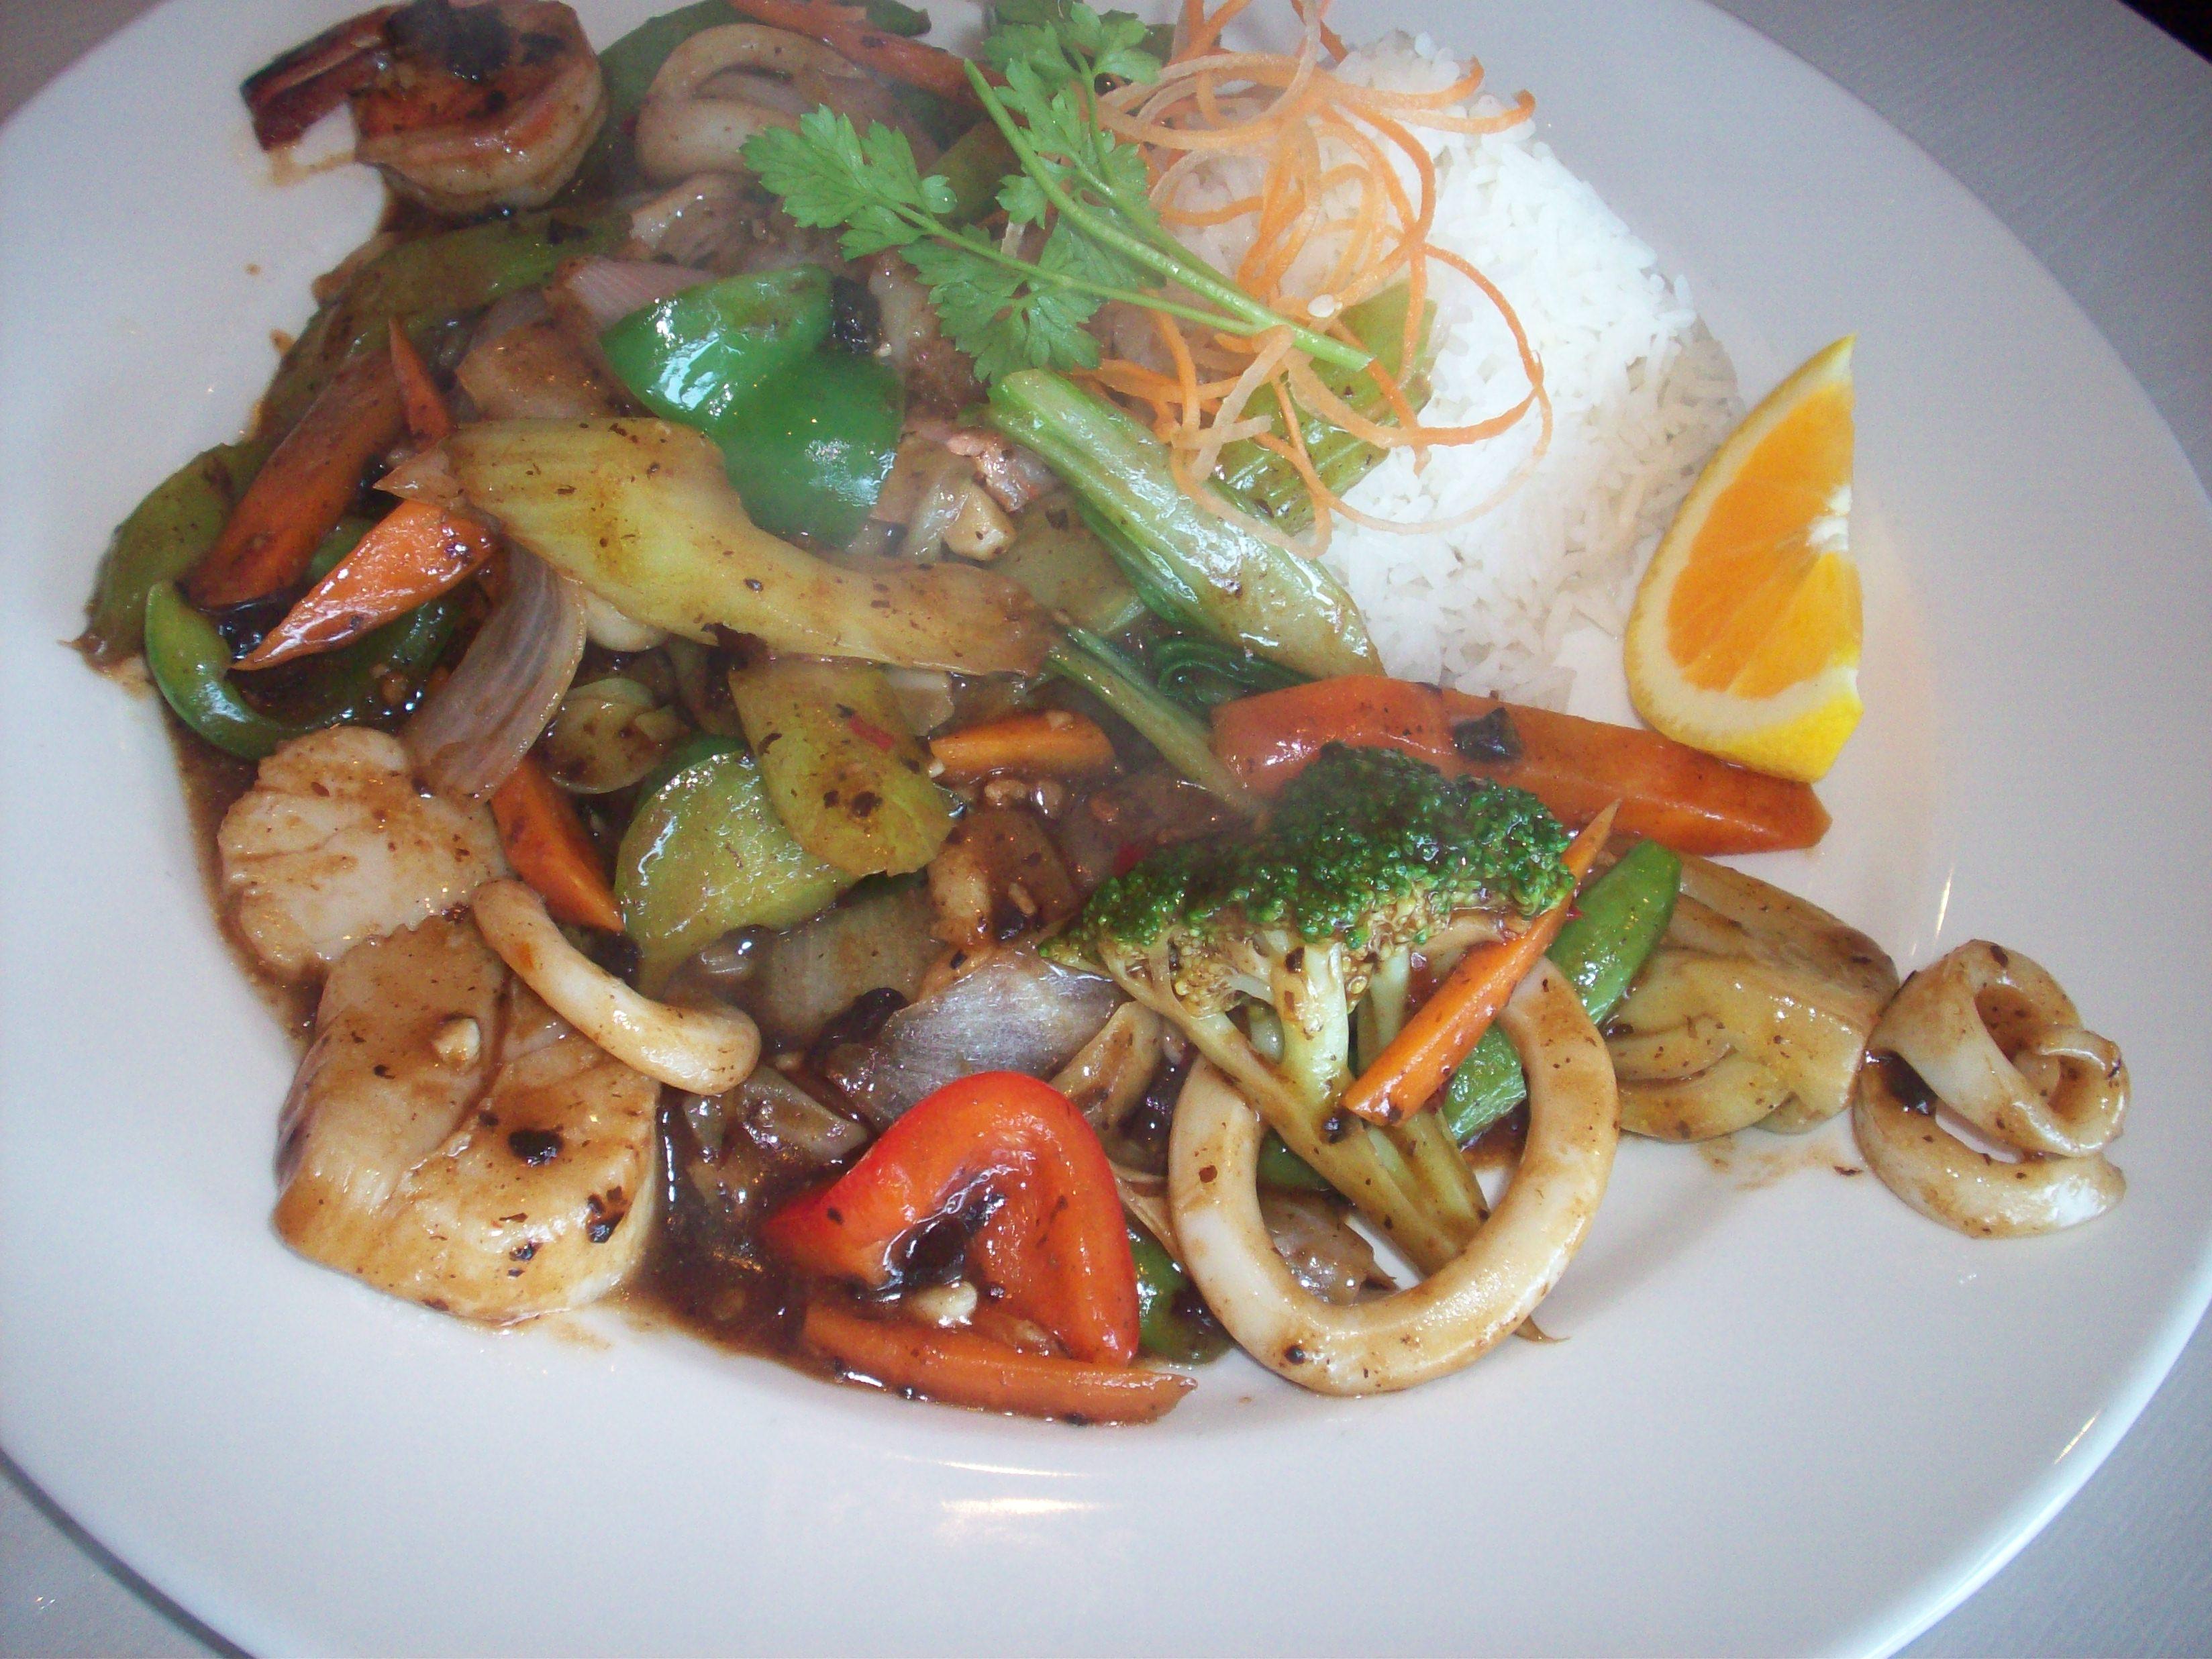 http://foodloader.net/cutie_2010-08-13_Seafood.jpg